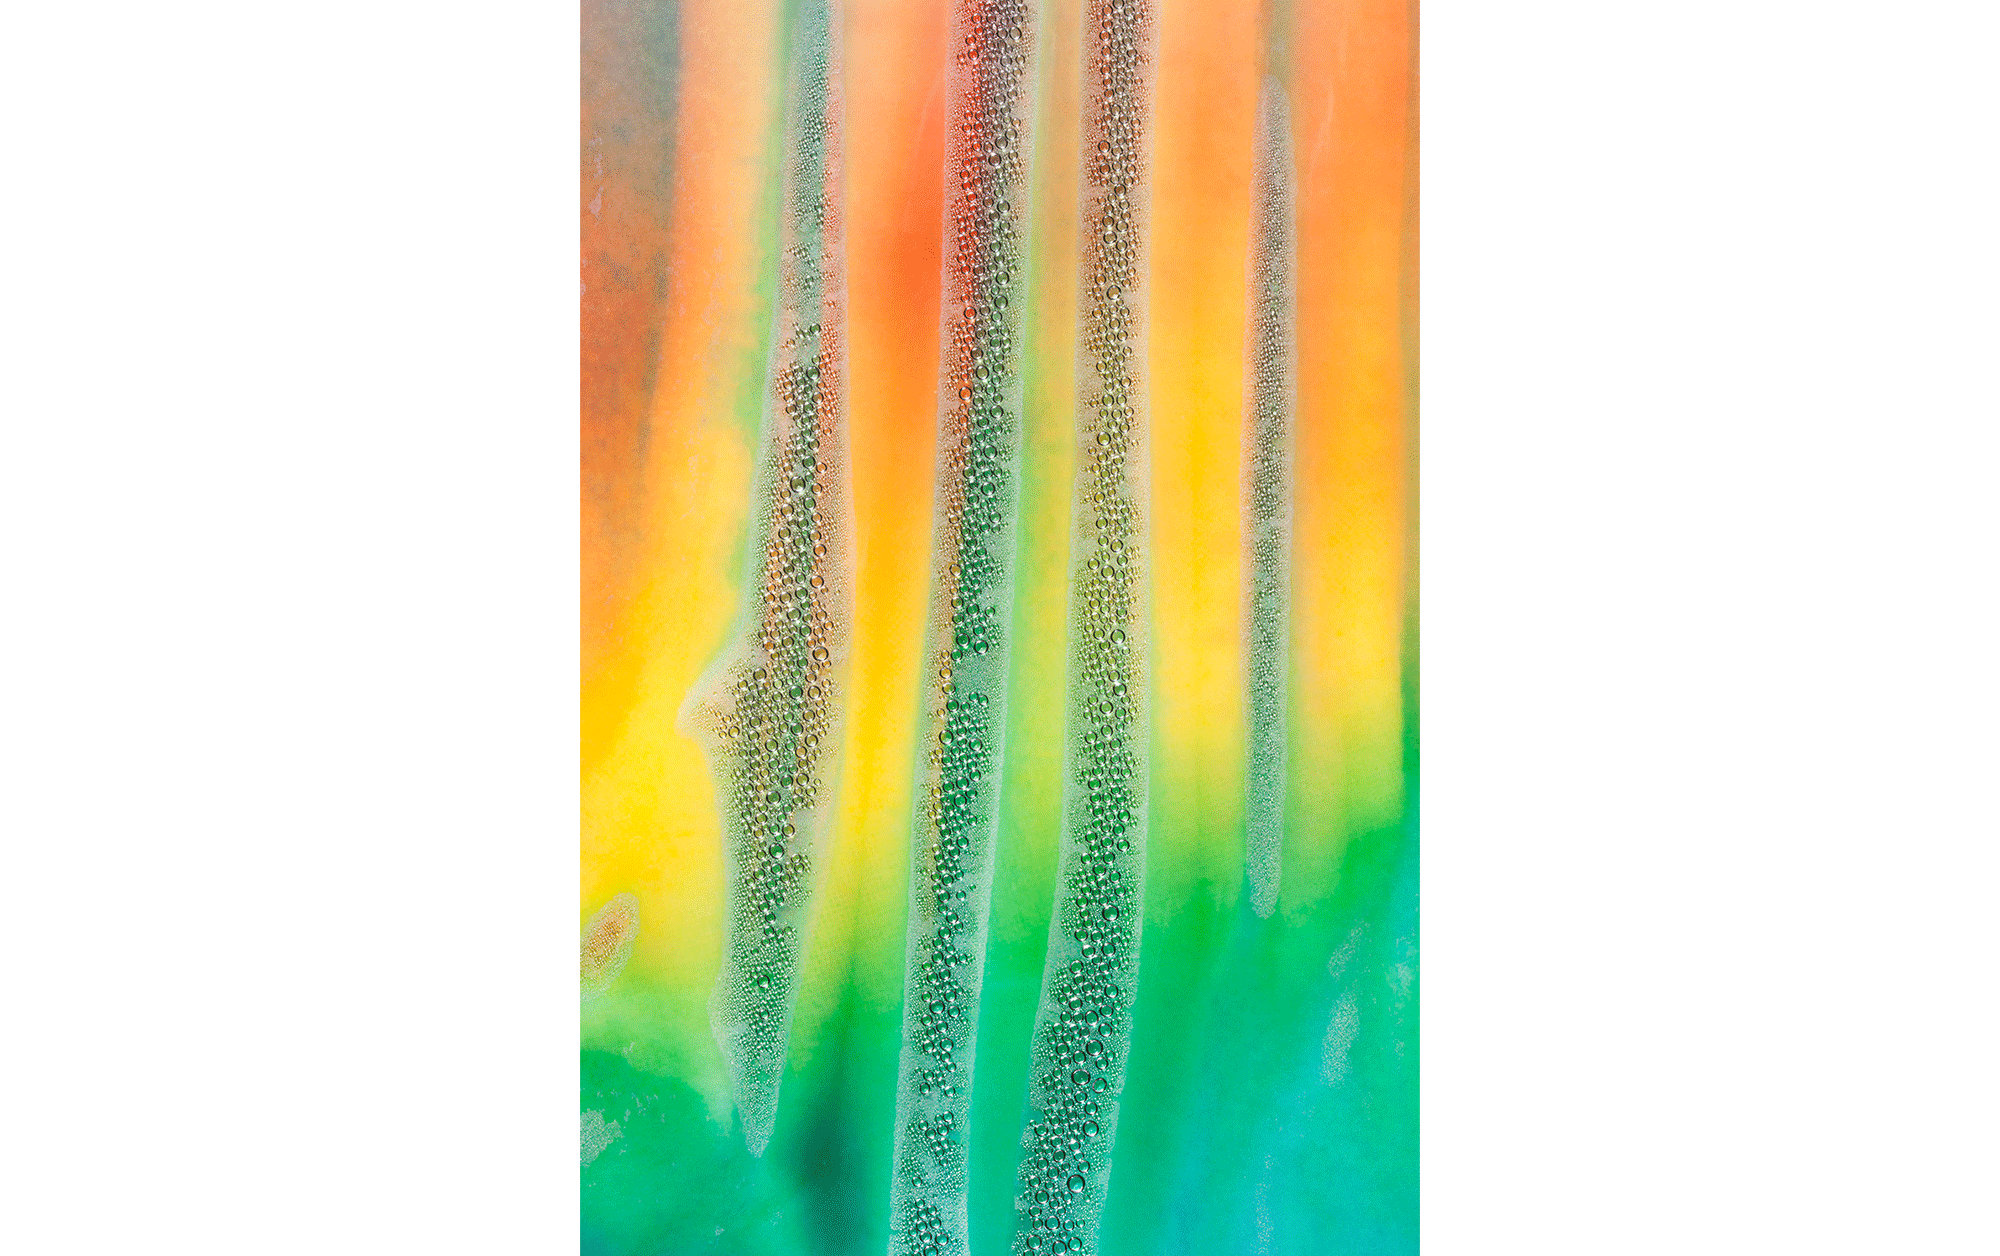 Untitled(Melting Rainbows 054)© Taisuke Koyama